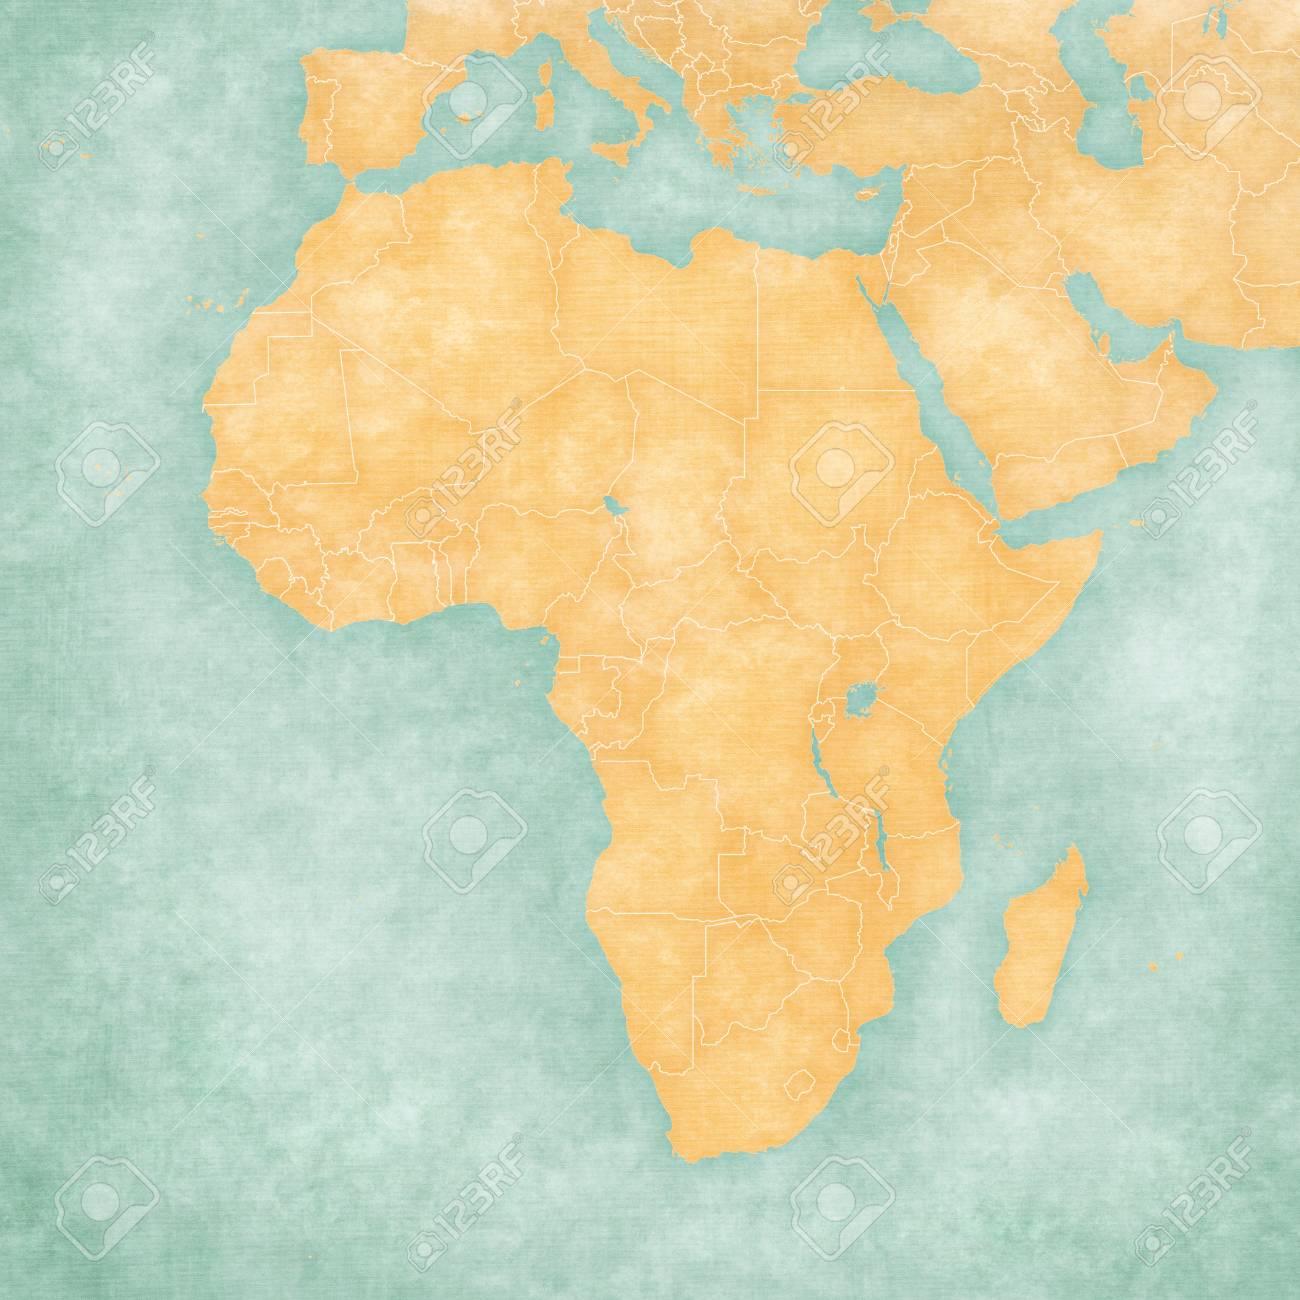 Mappa Muta Di Africa Con I Confini Nazionali La Mappa è In Stile